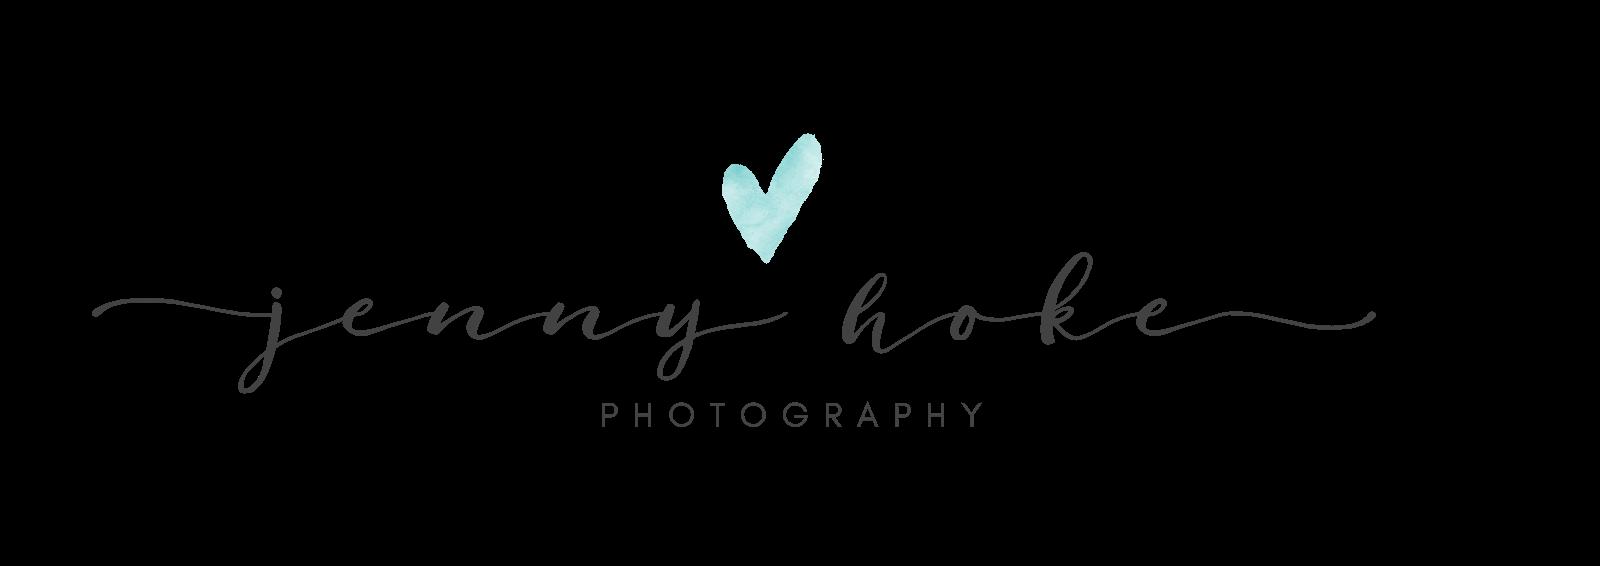 Jenny Hoke Photography - Mishawaka, South Bend, Elkhart, Goshen, Michiana, Indiana